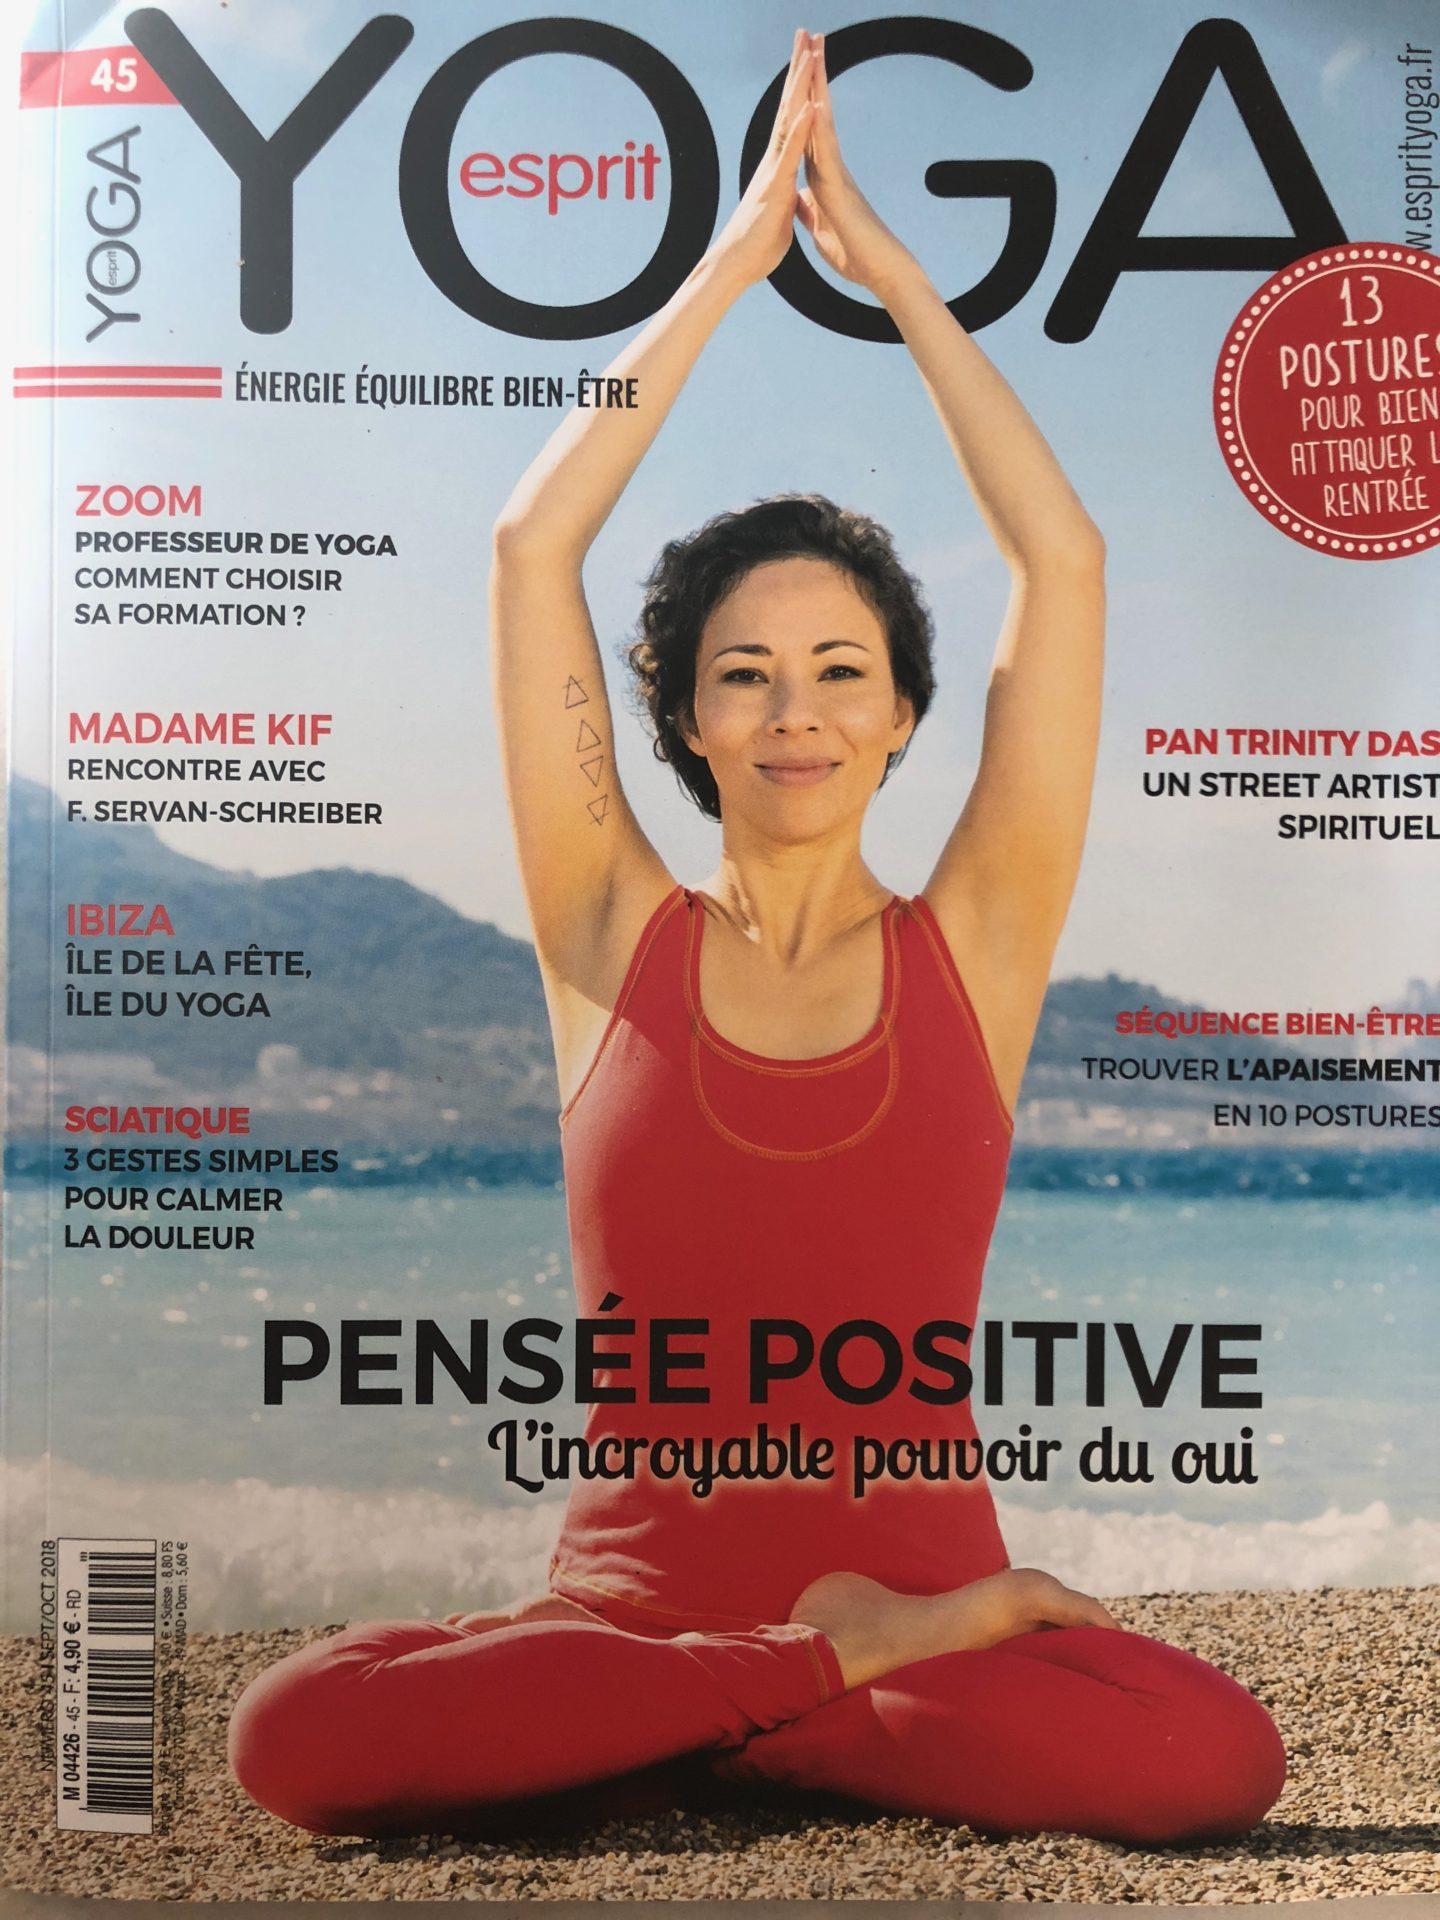 Esprit Yoga Claire Andreewitch conseils bien-être en automne